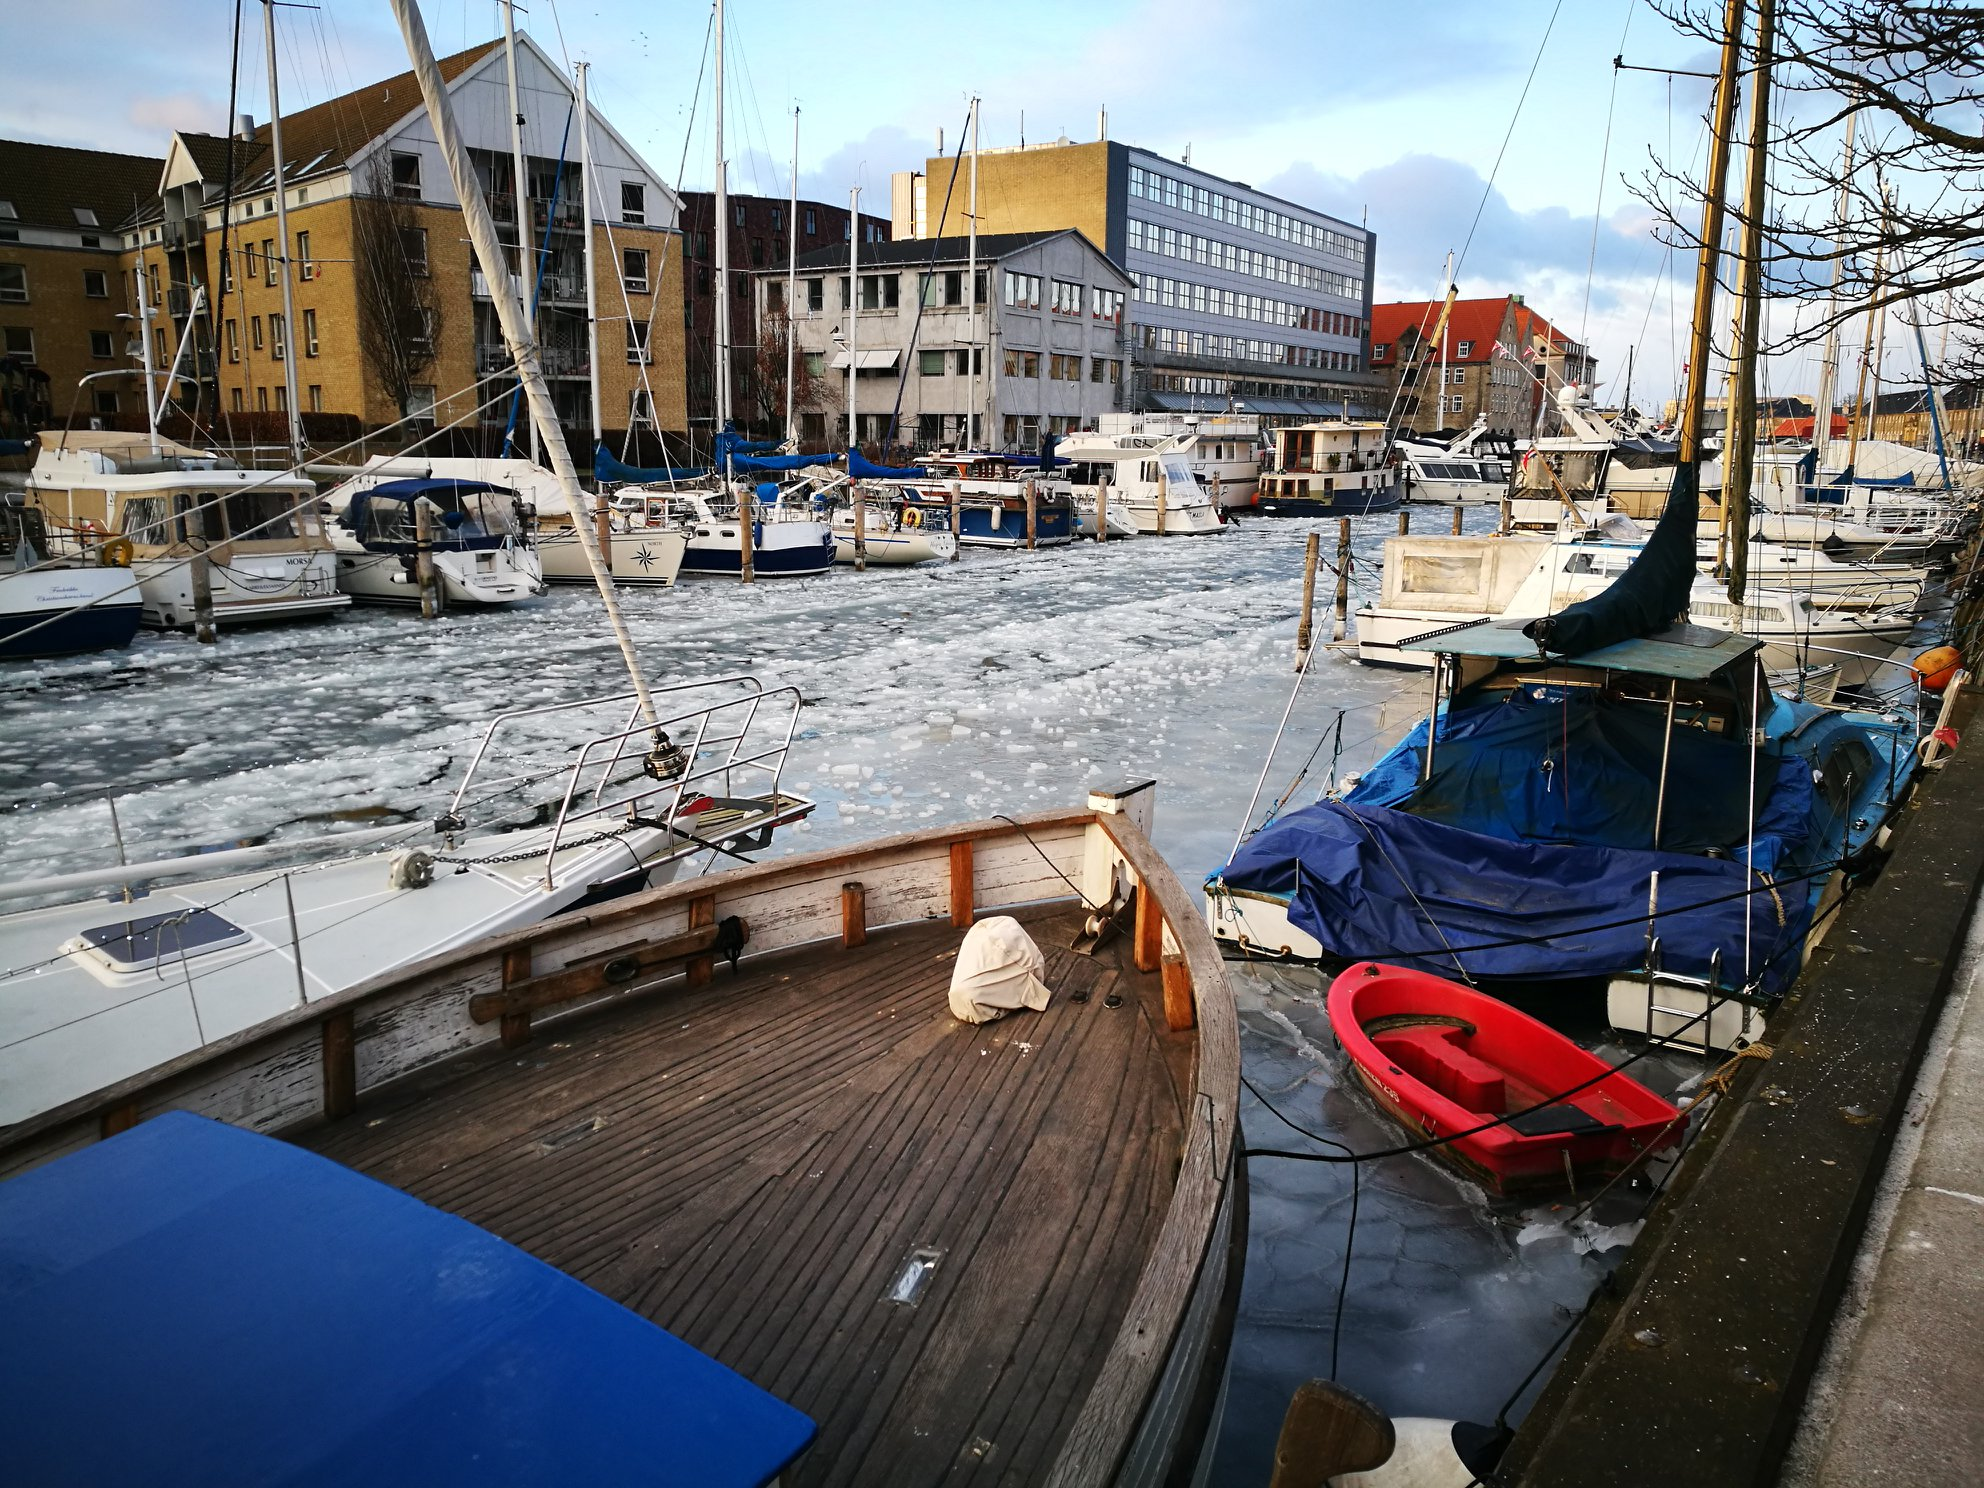 Copenhagen by winter